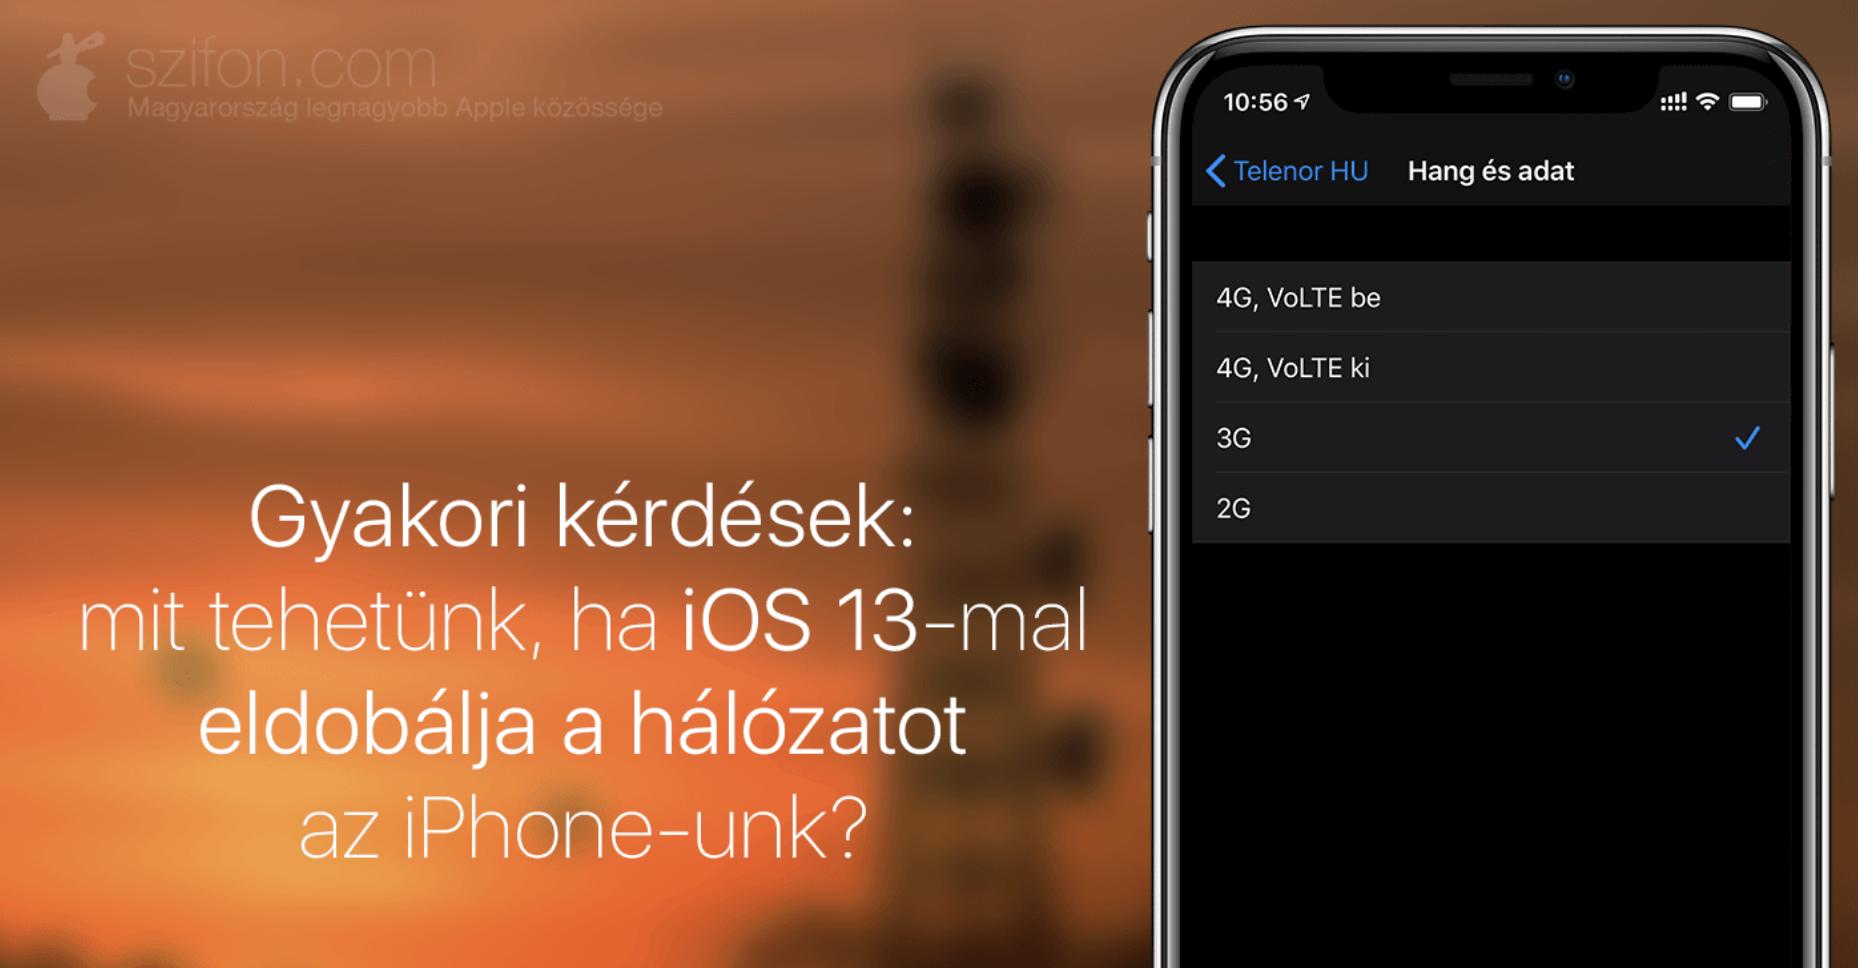 Több felhasználó is hálózati problémákra panaszkodik az iOS 13 telepítése után